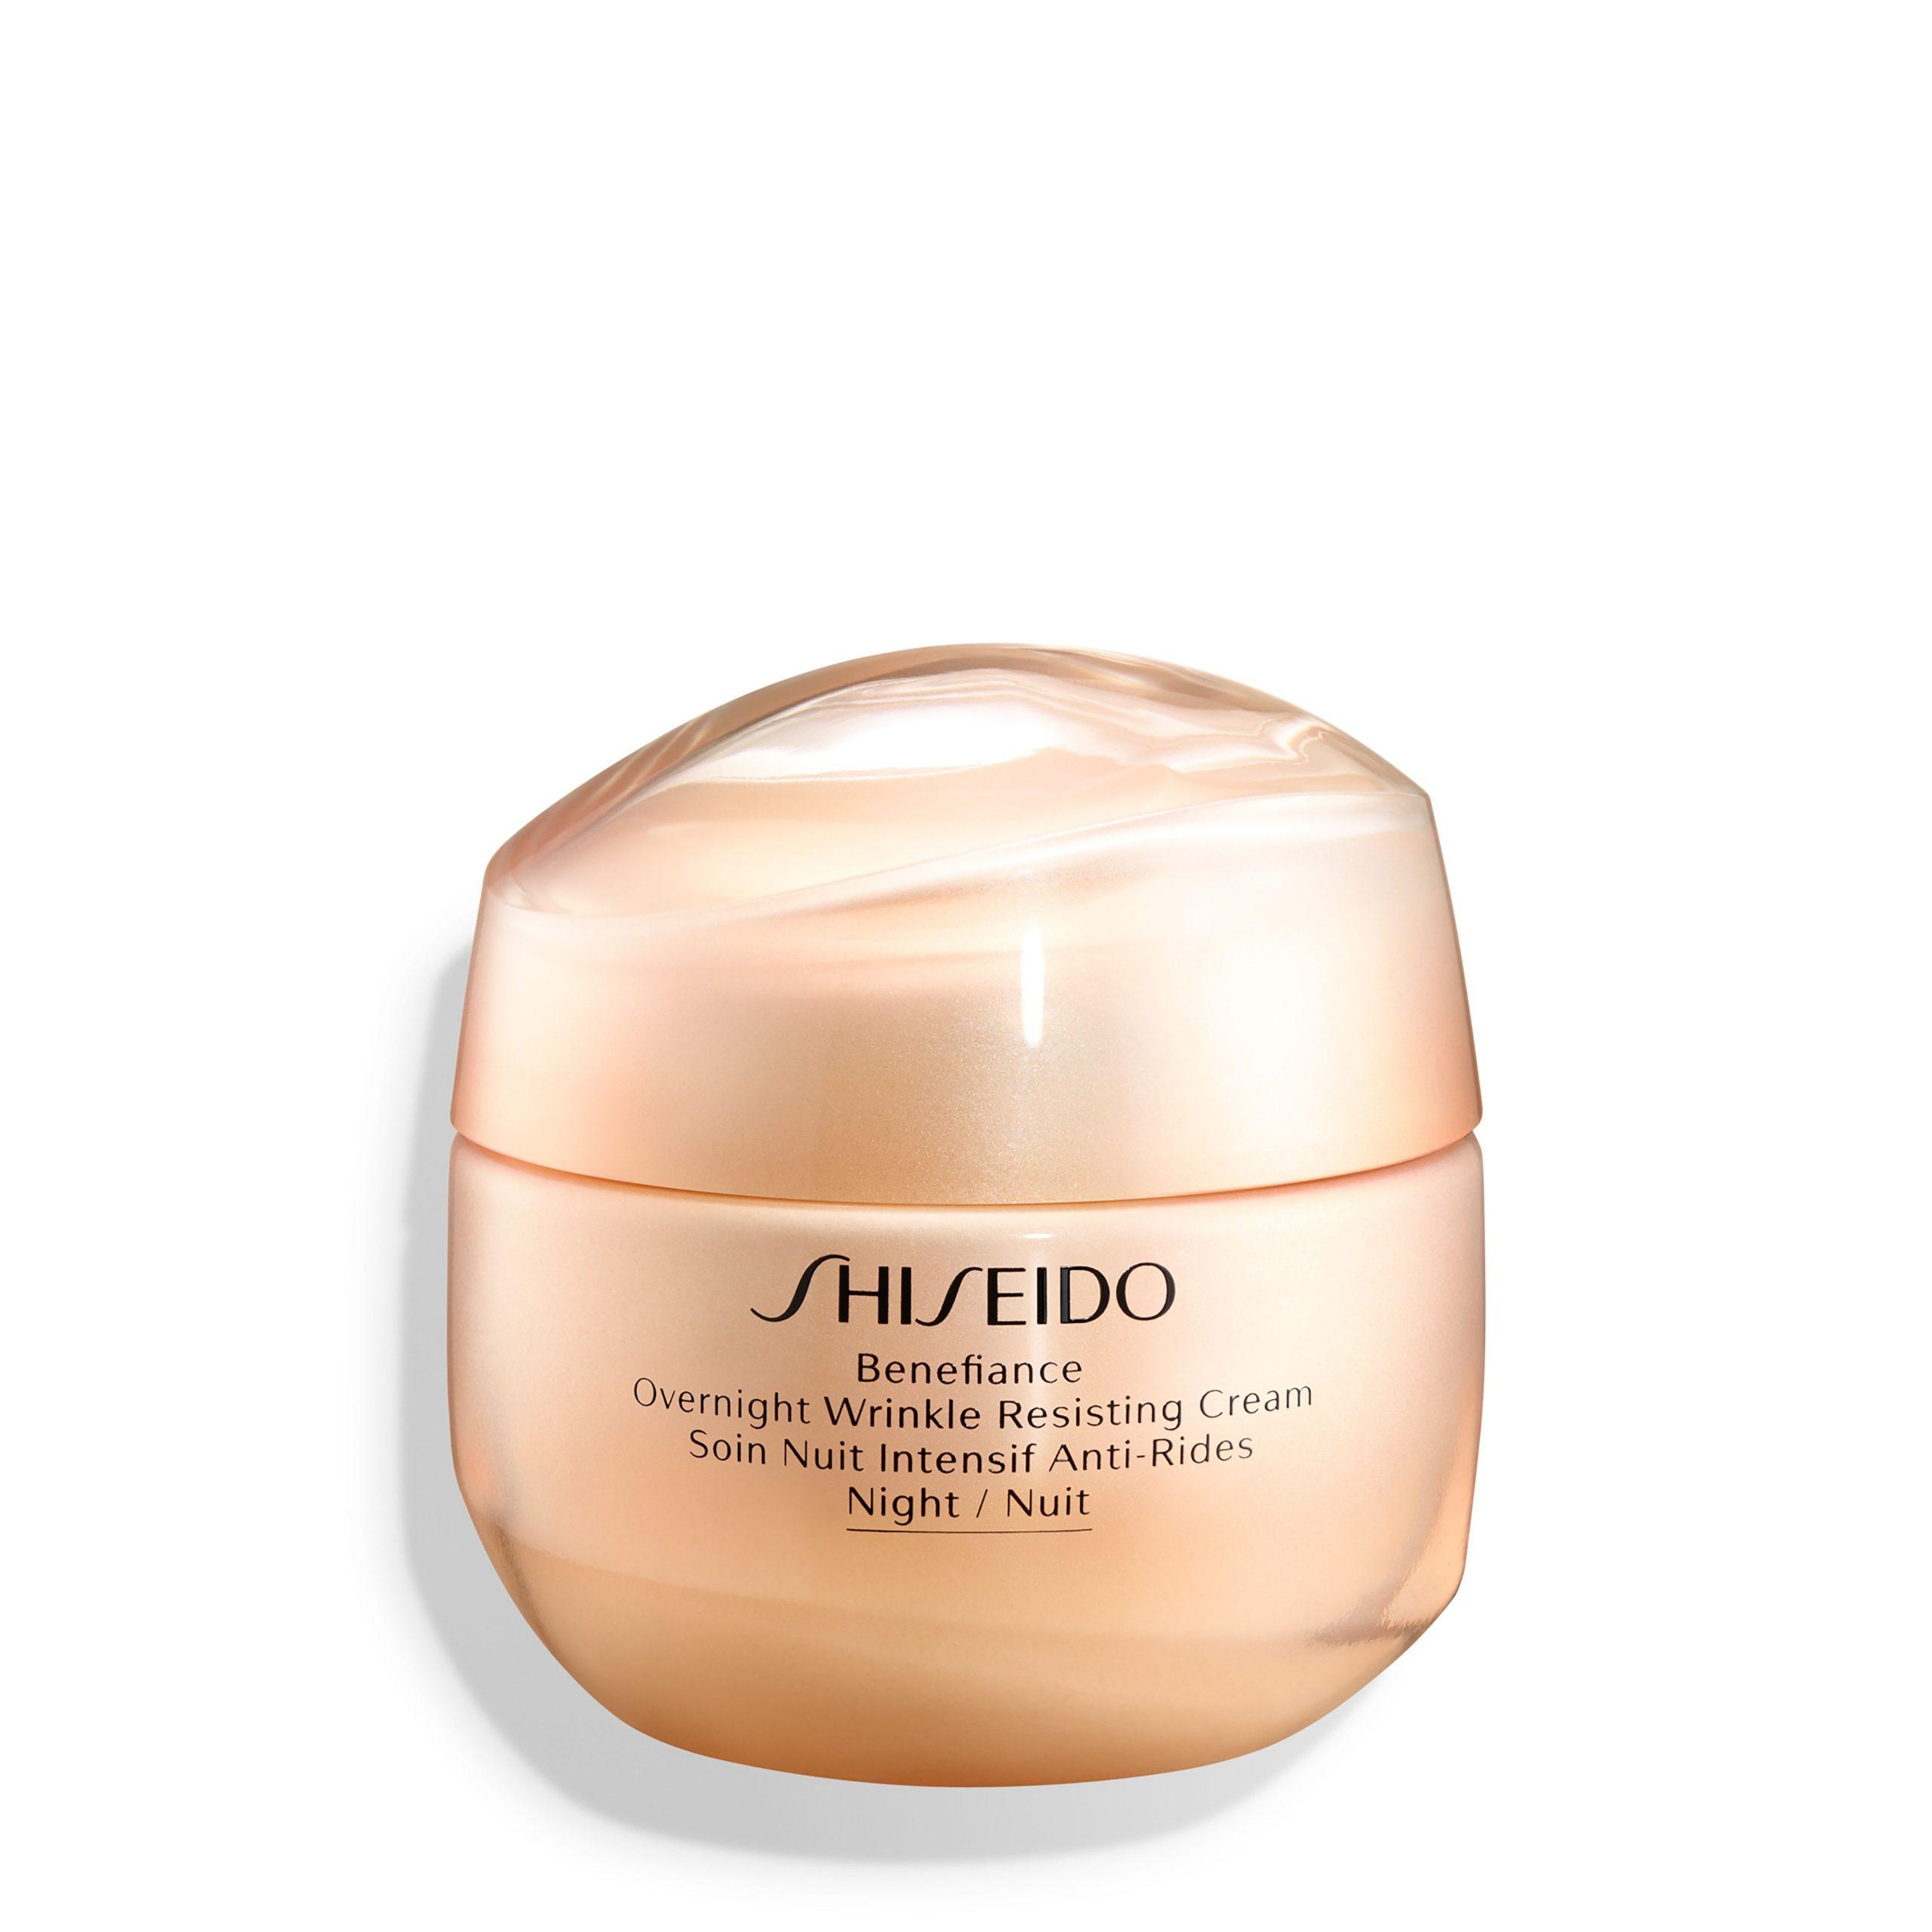 kevés alvás, alváshiány okozta ráncok, overnight, shiseido, benefiance overnight wrinkle resisiting cream, ráncsimító, anti aging, rúzs és más, arcápolás, bőrápolás